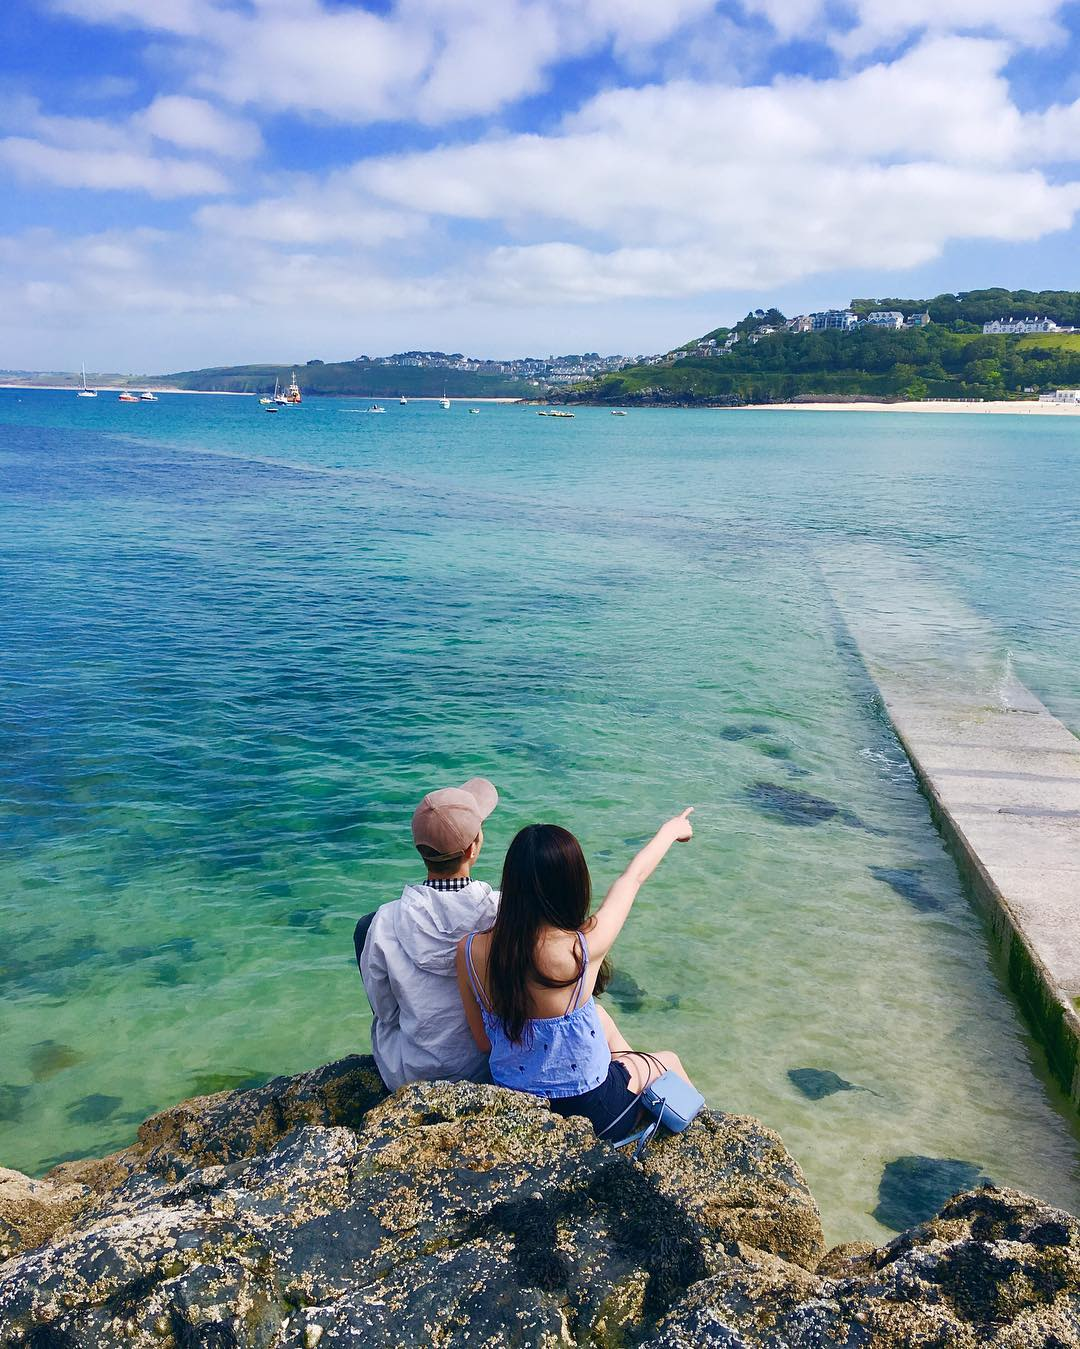 Les plus belles villes d'Europe - Saint Ives